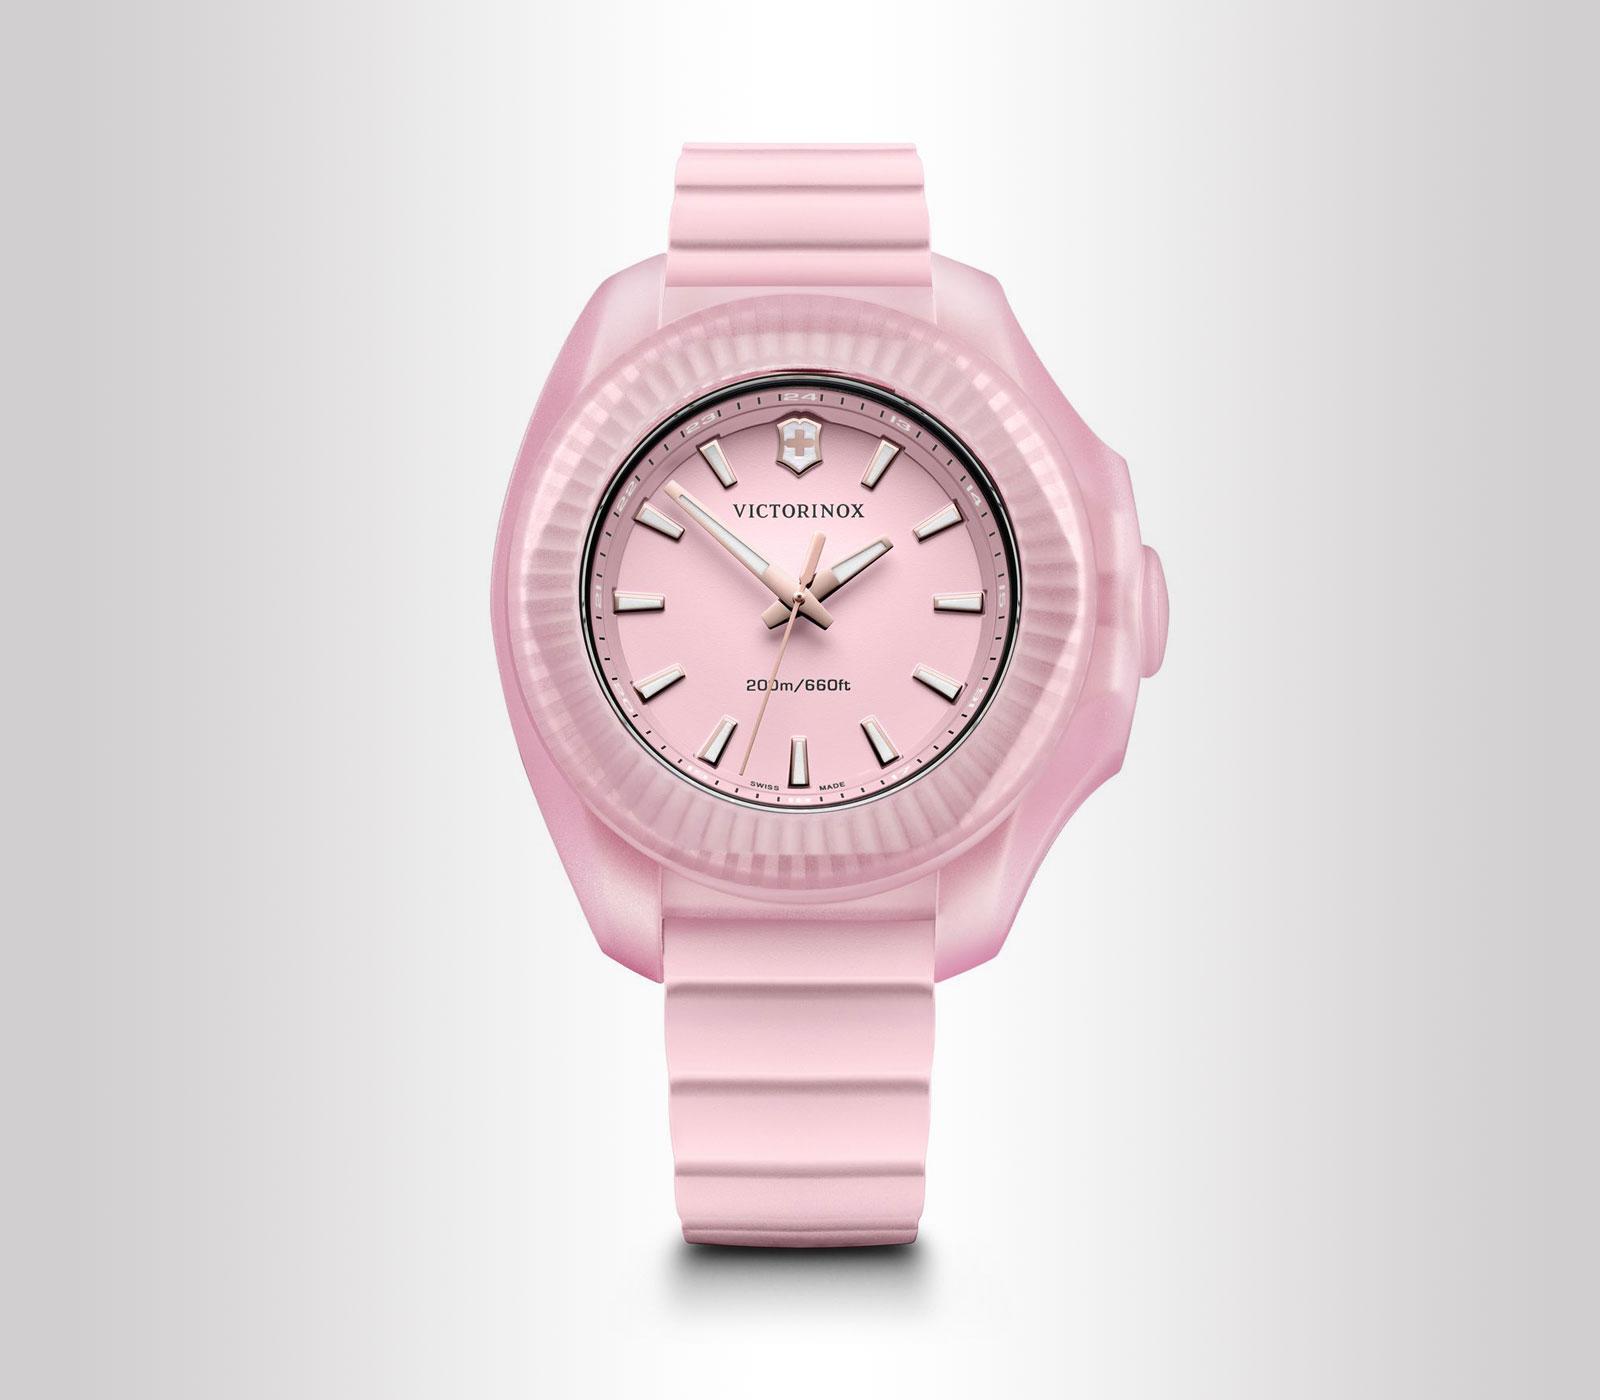 Forza e femminilità sono le caratteristiche che questo orologio riflette